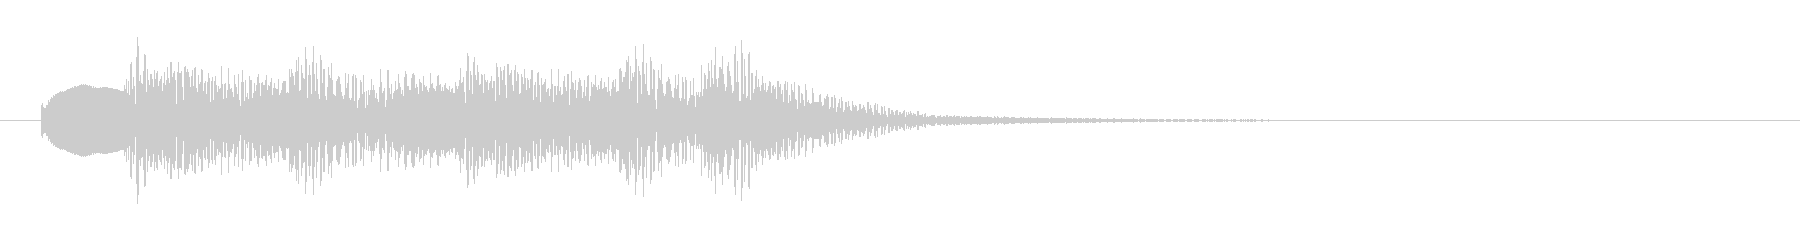 マリンバ おとぼけ(ジングル、転換音)の未再生の波形